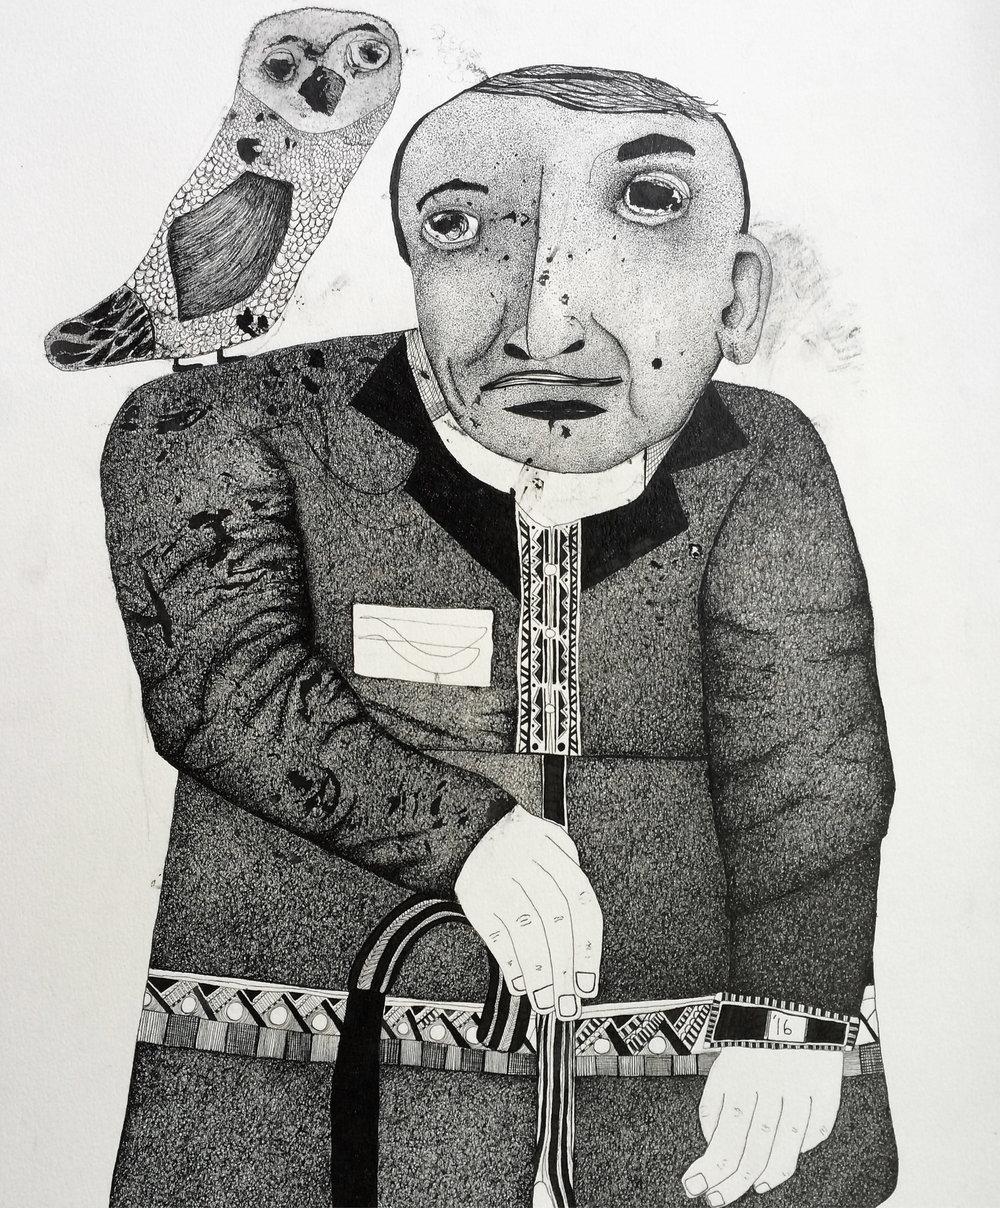 Luis Buñuel with Owl, 2016